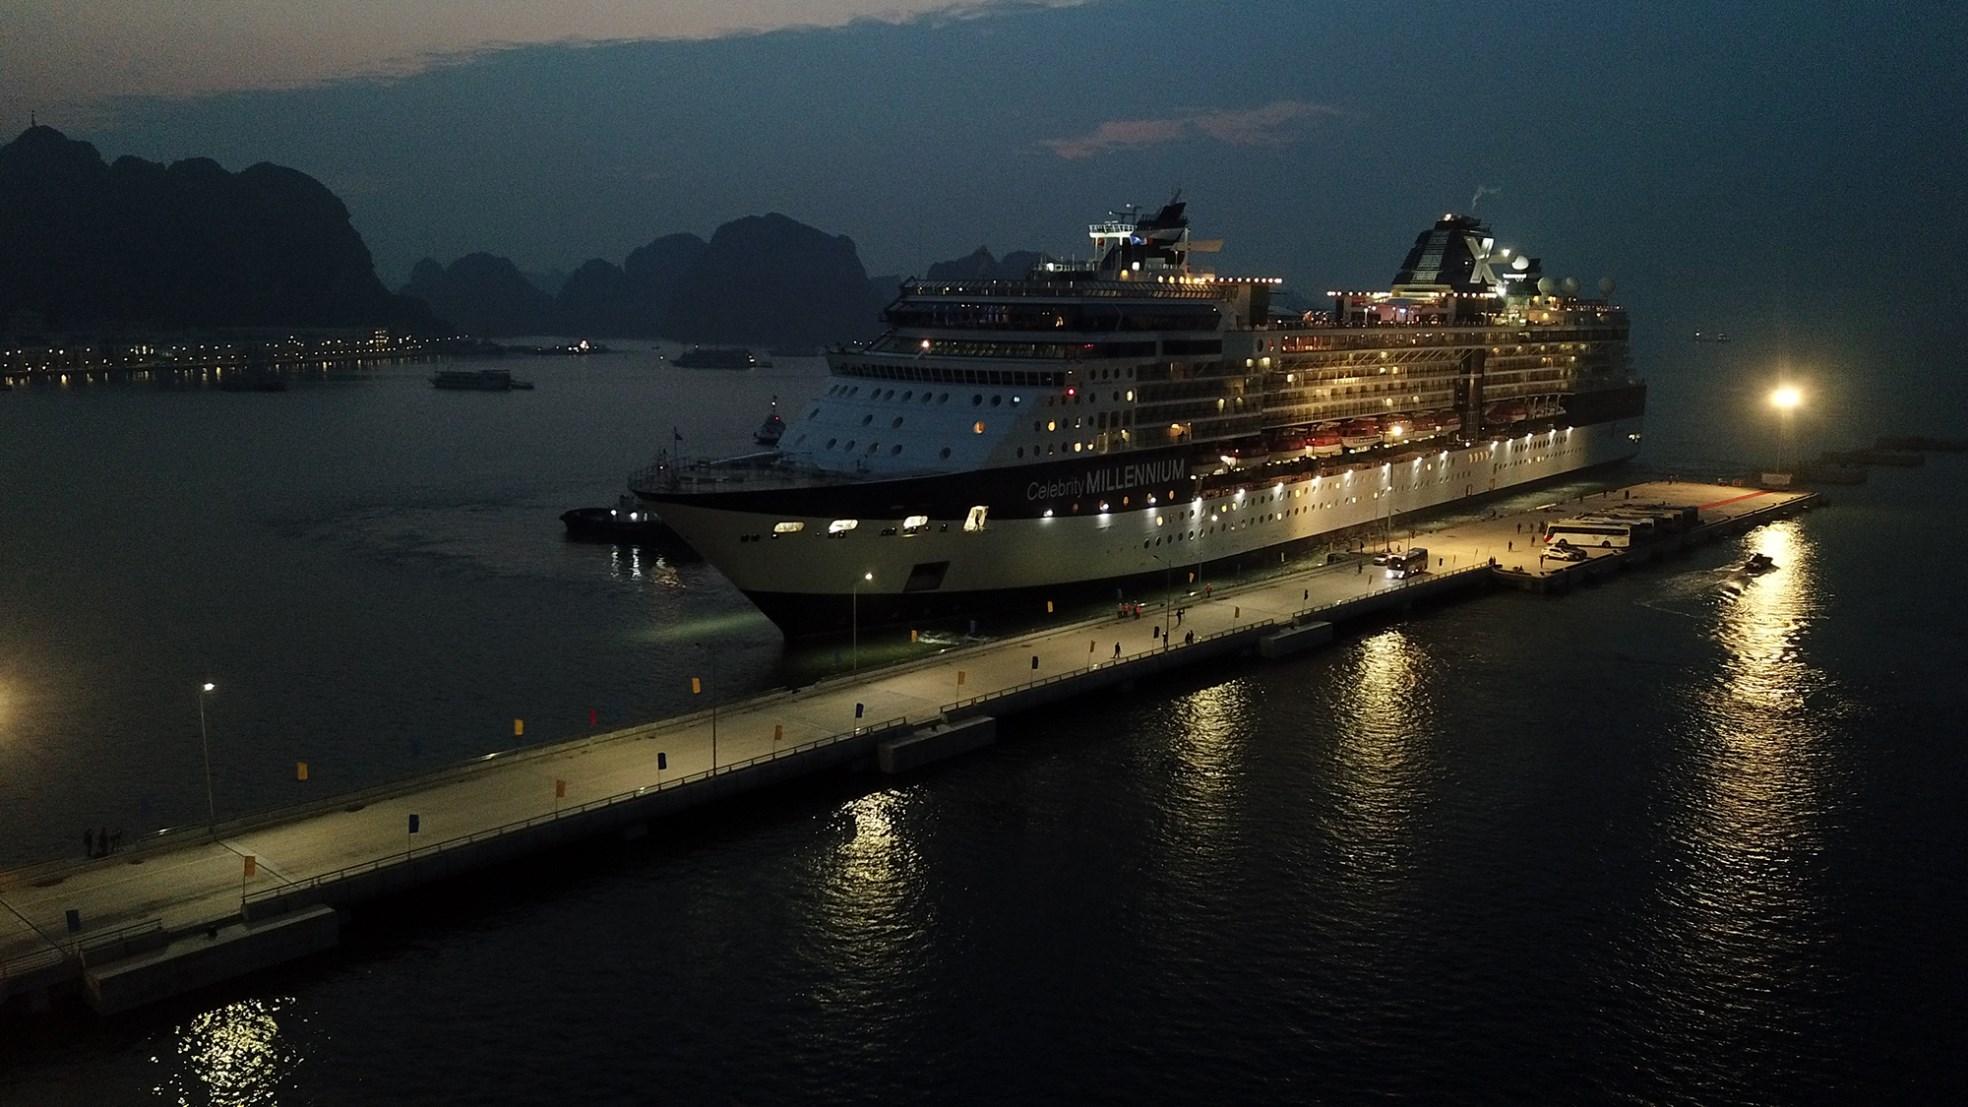 Cảng tàu khách du lịch quốc tế đầu tiên của Việt Nam do tư nhân xây có gì đặc biệt? - Ảnh 4